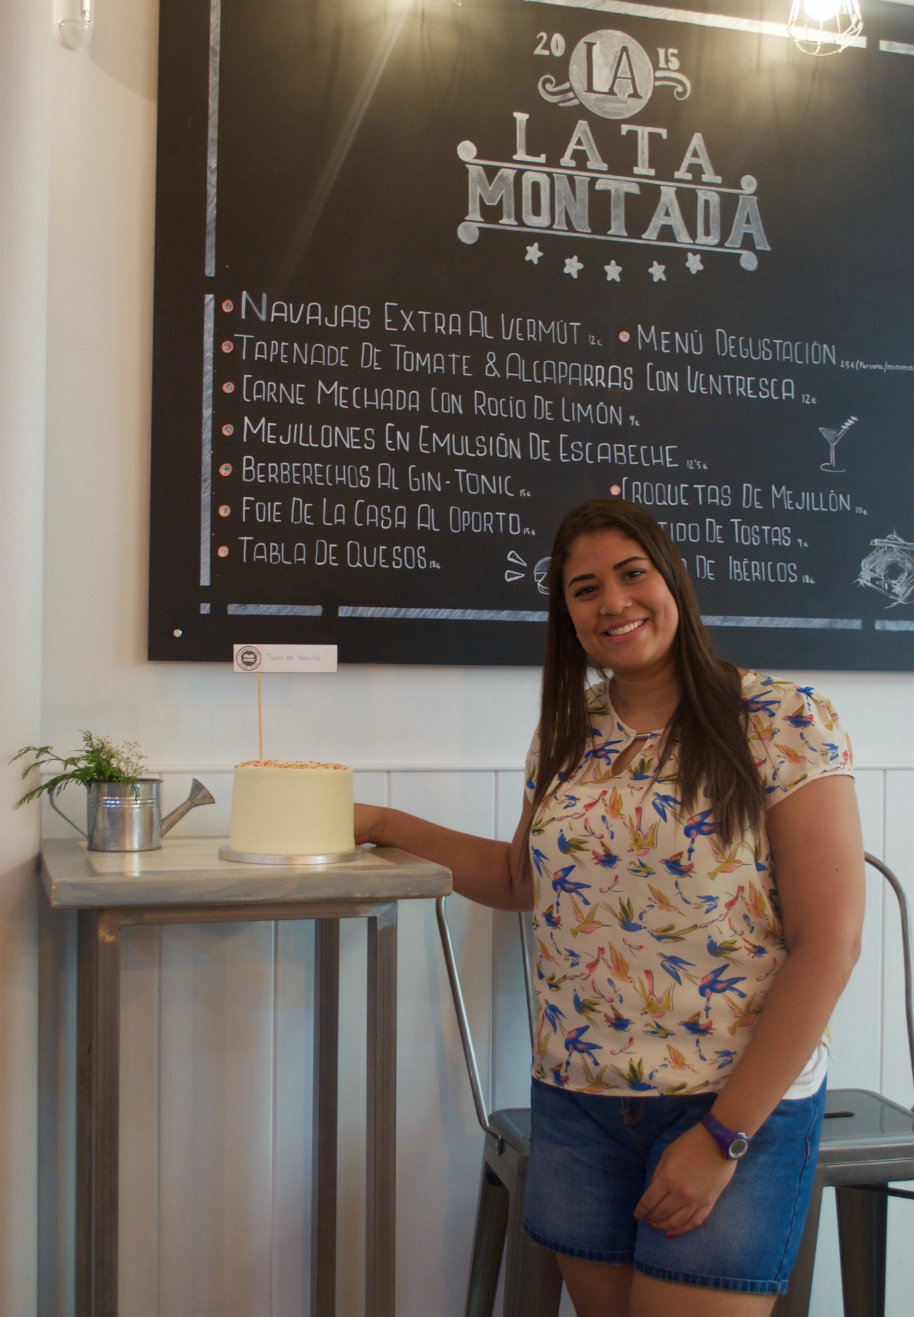 """Reunión clandestina de reposteros temática """"TARTAS SORPRESAS"""": Elena la organizadora de las reuniones clandestinas en Madrid"""